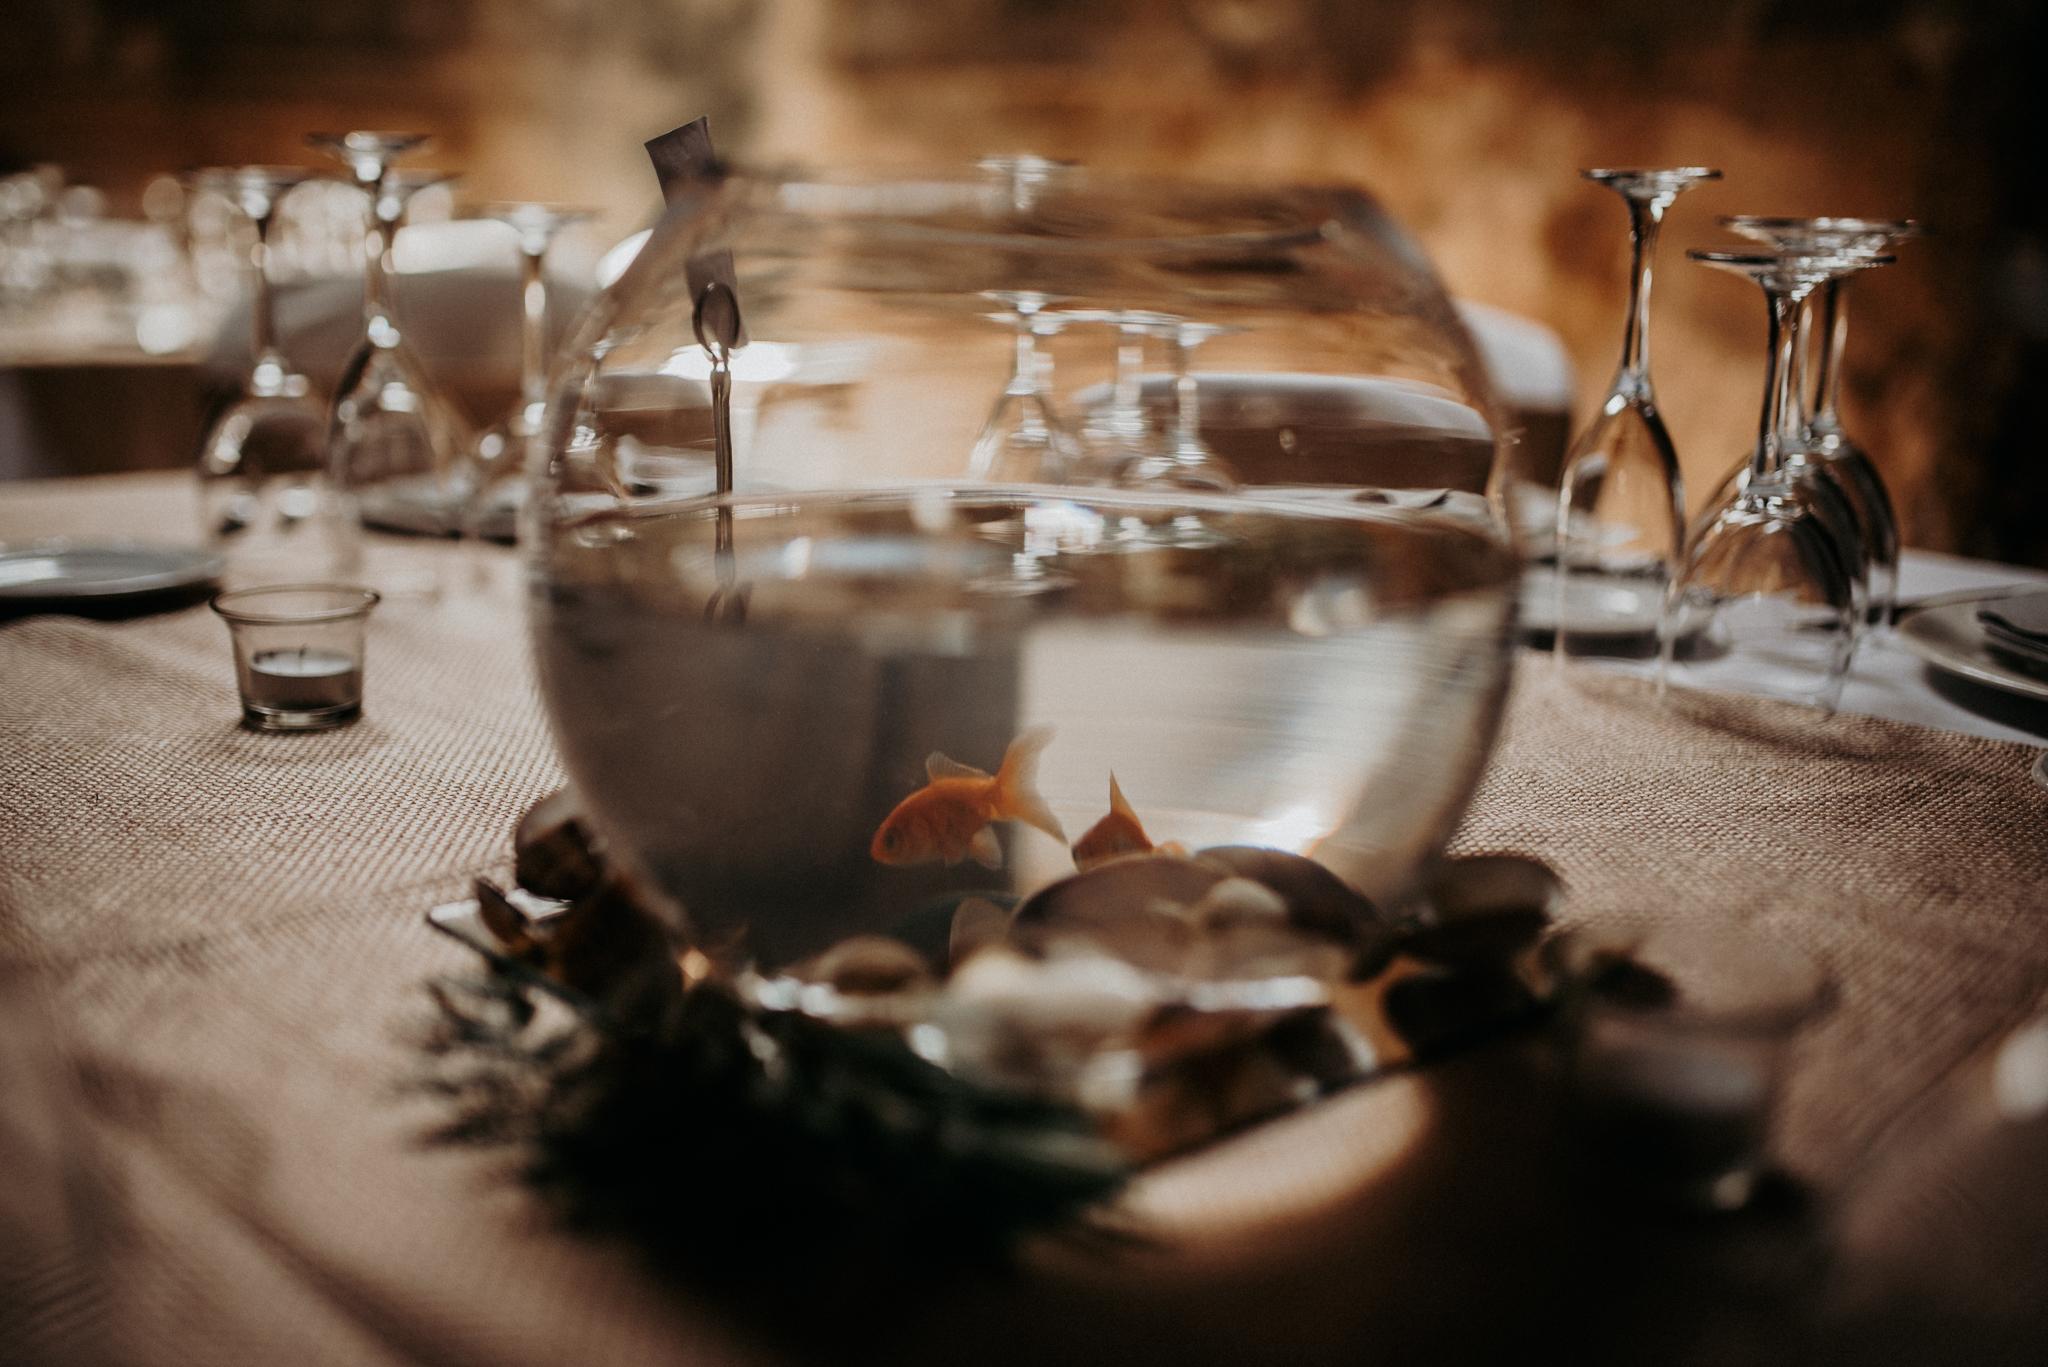 sonia boda-2.jpg